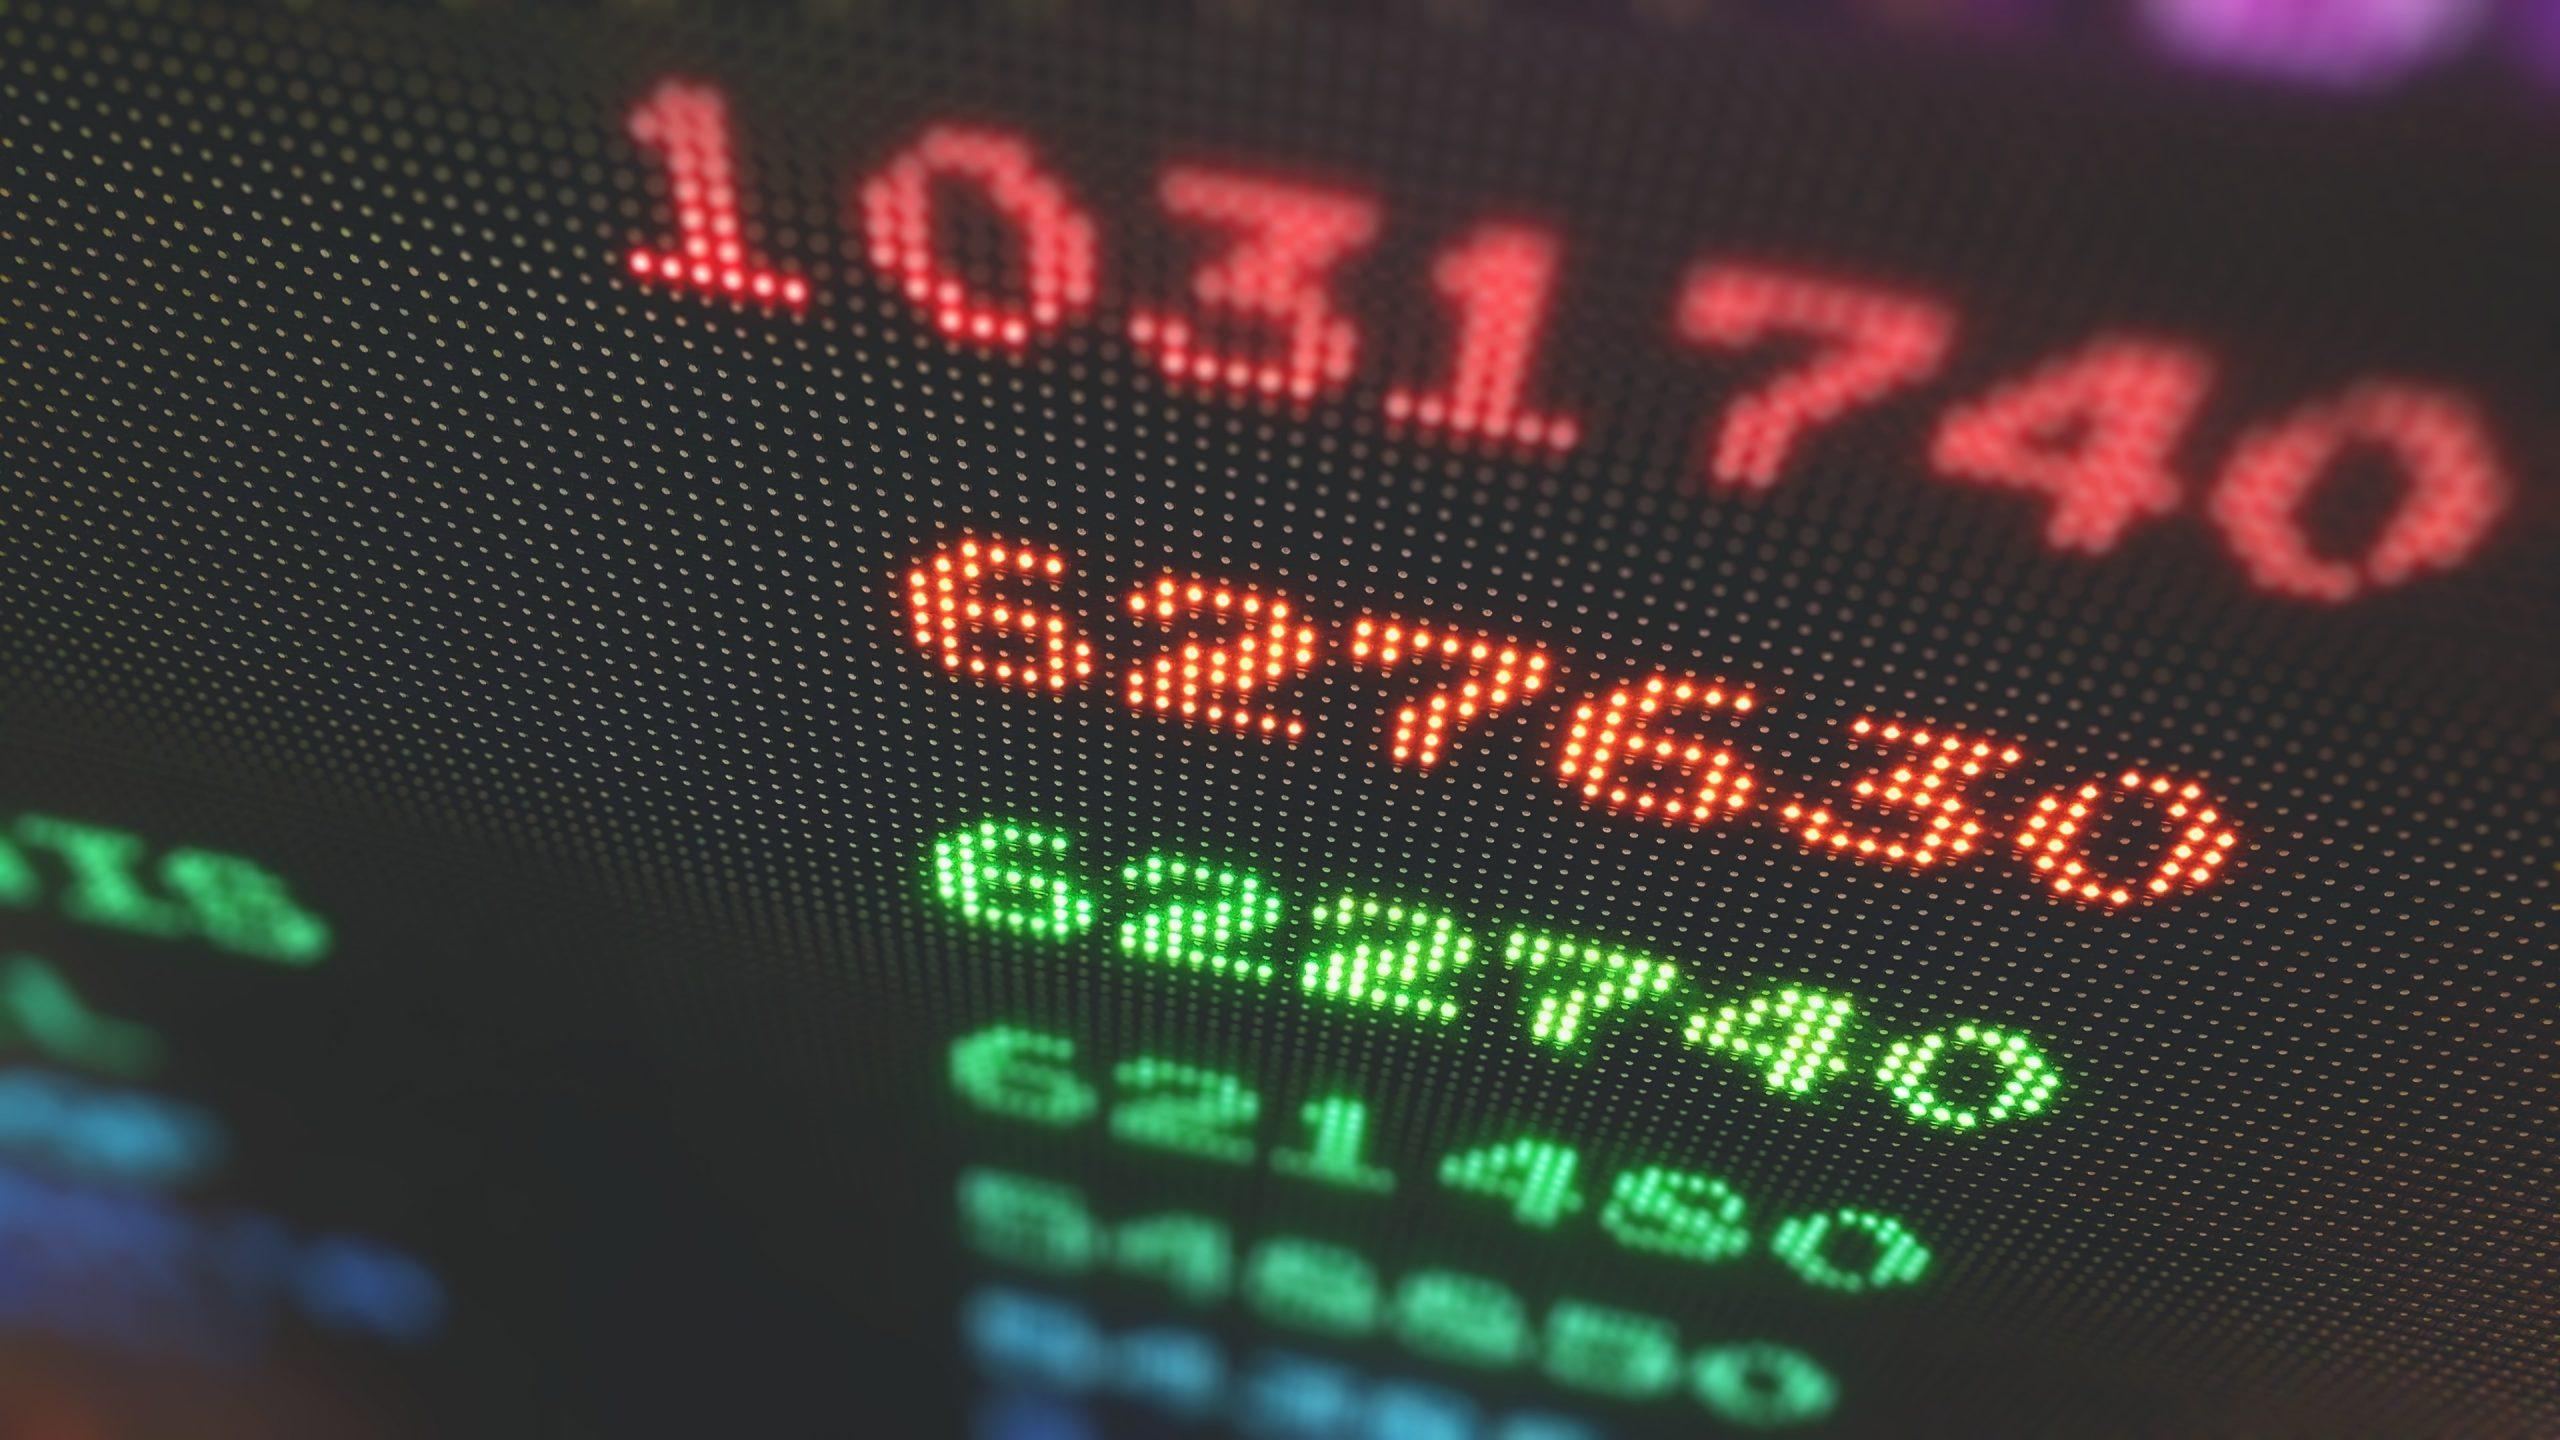 2 компании, которые достигнут $ 1 триллиона к 2040 году